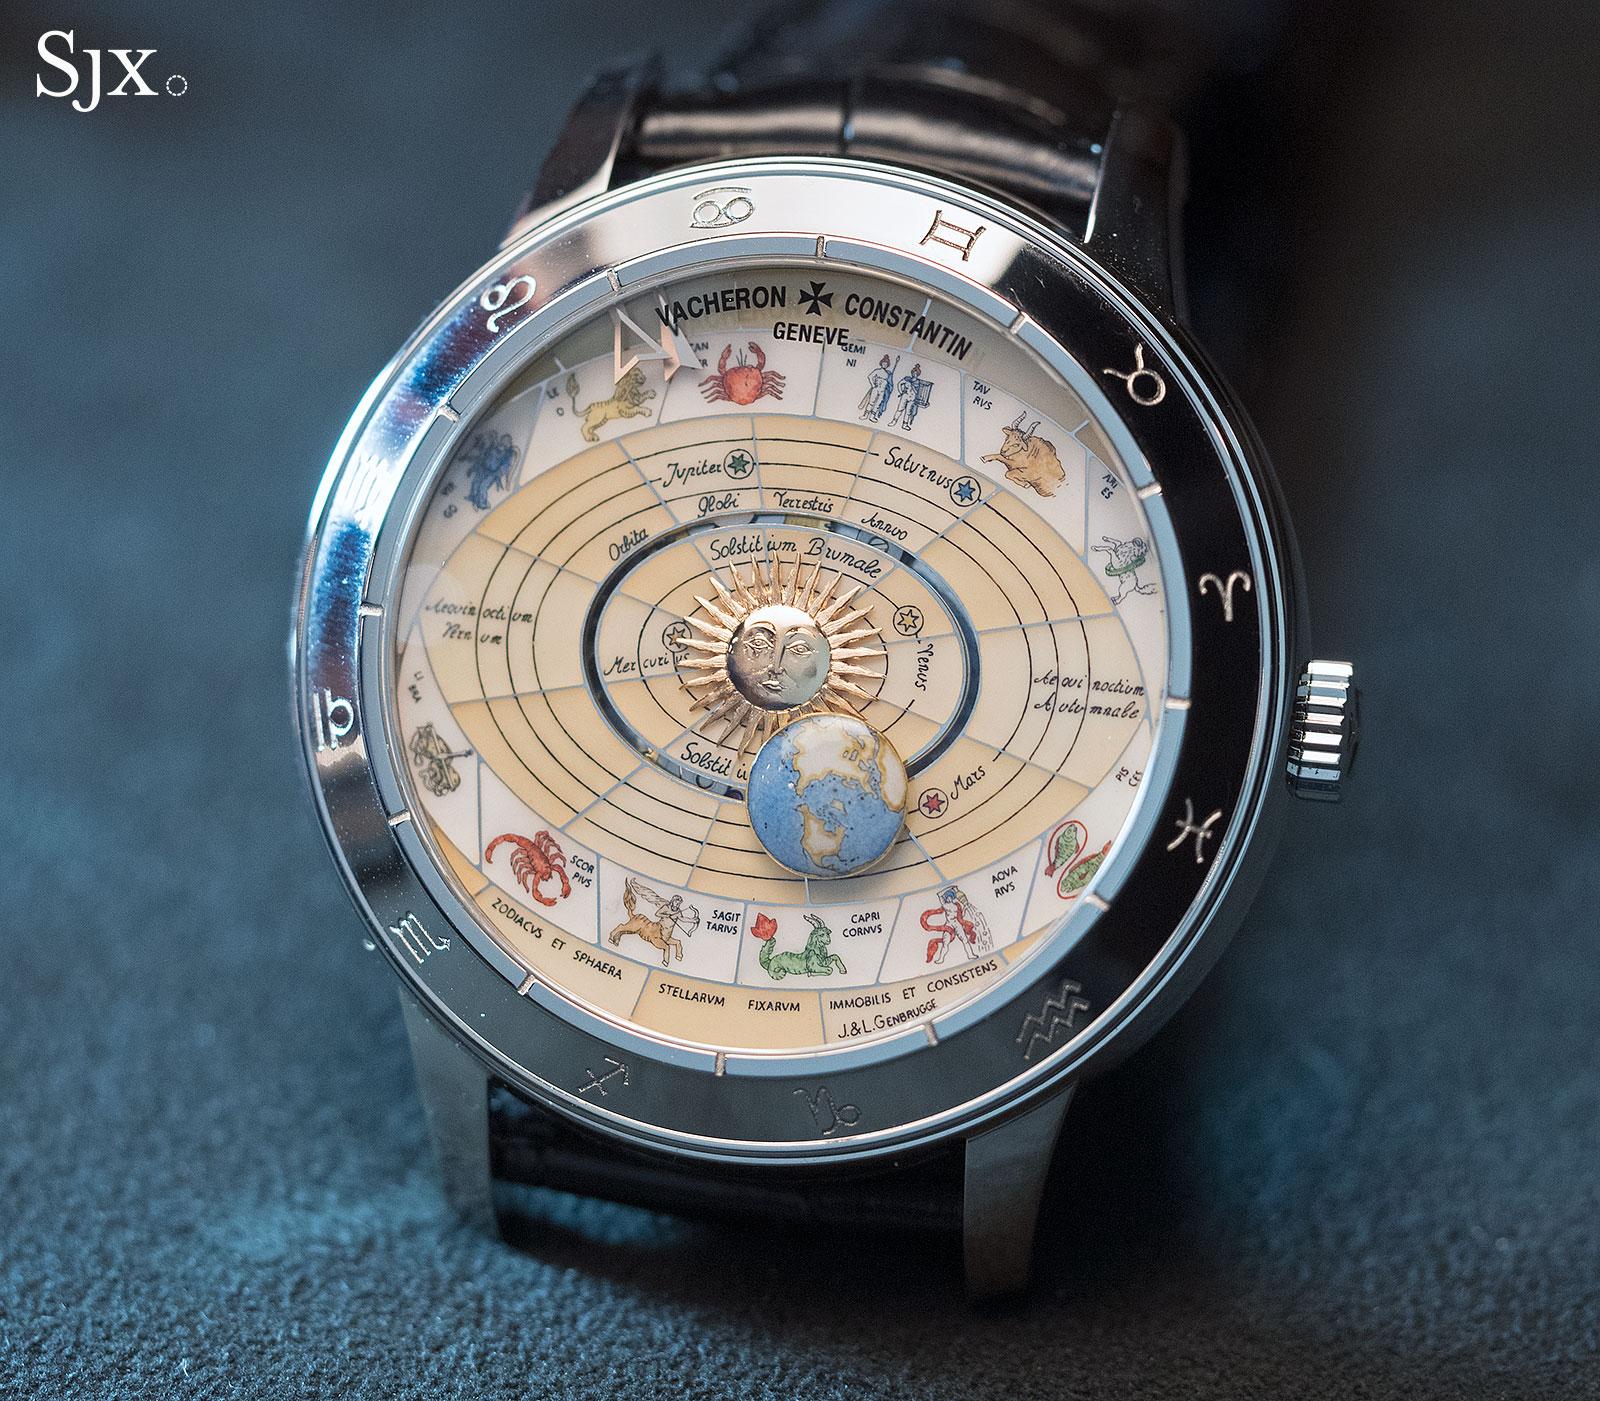 Vacheron Constantin Copernicus grand feu enamel 2